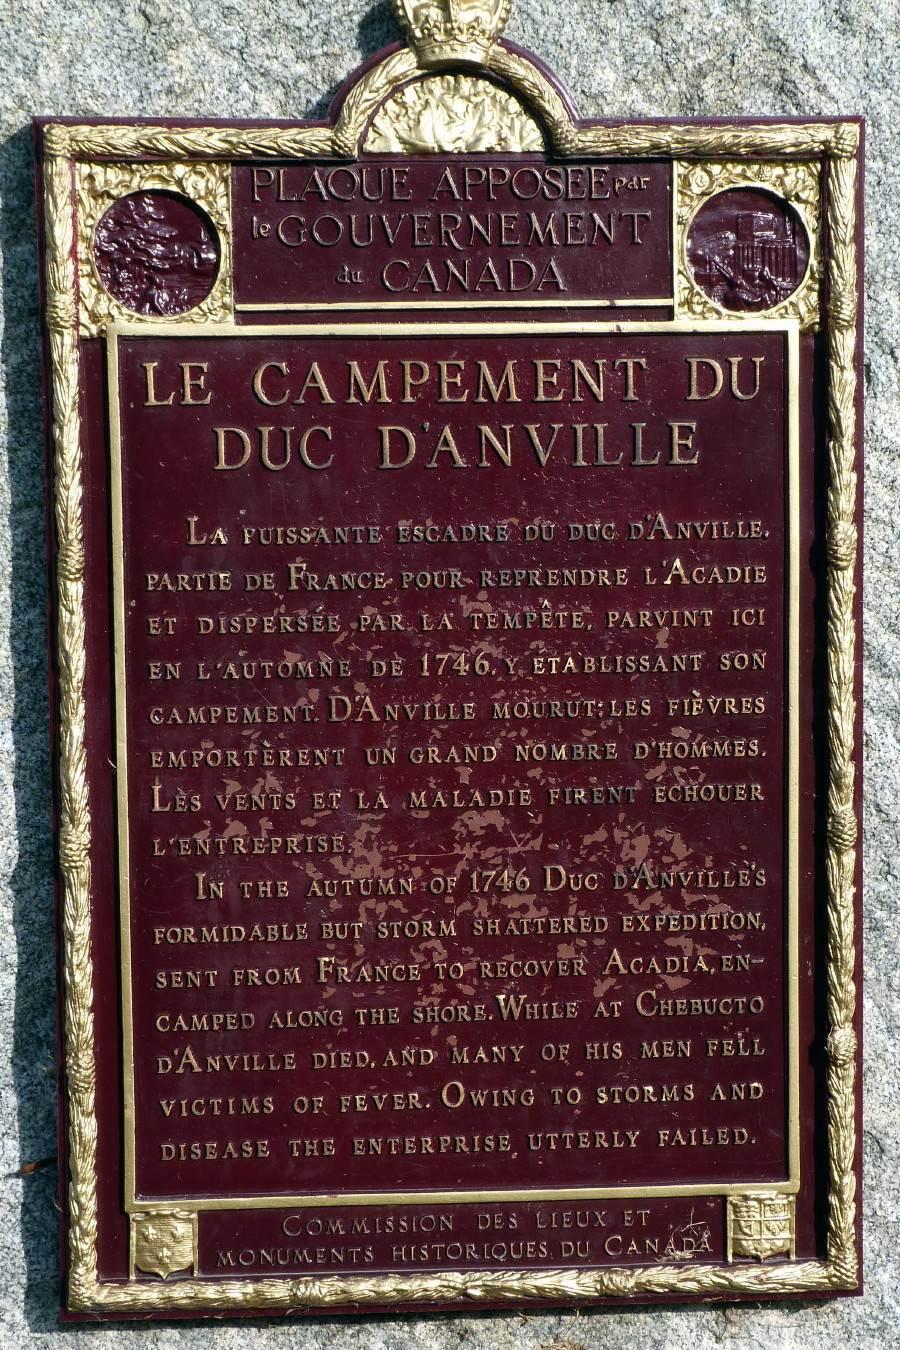 Rockingham: Duc d'Anville's Encampment 1746, historic plaque -5